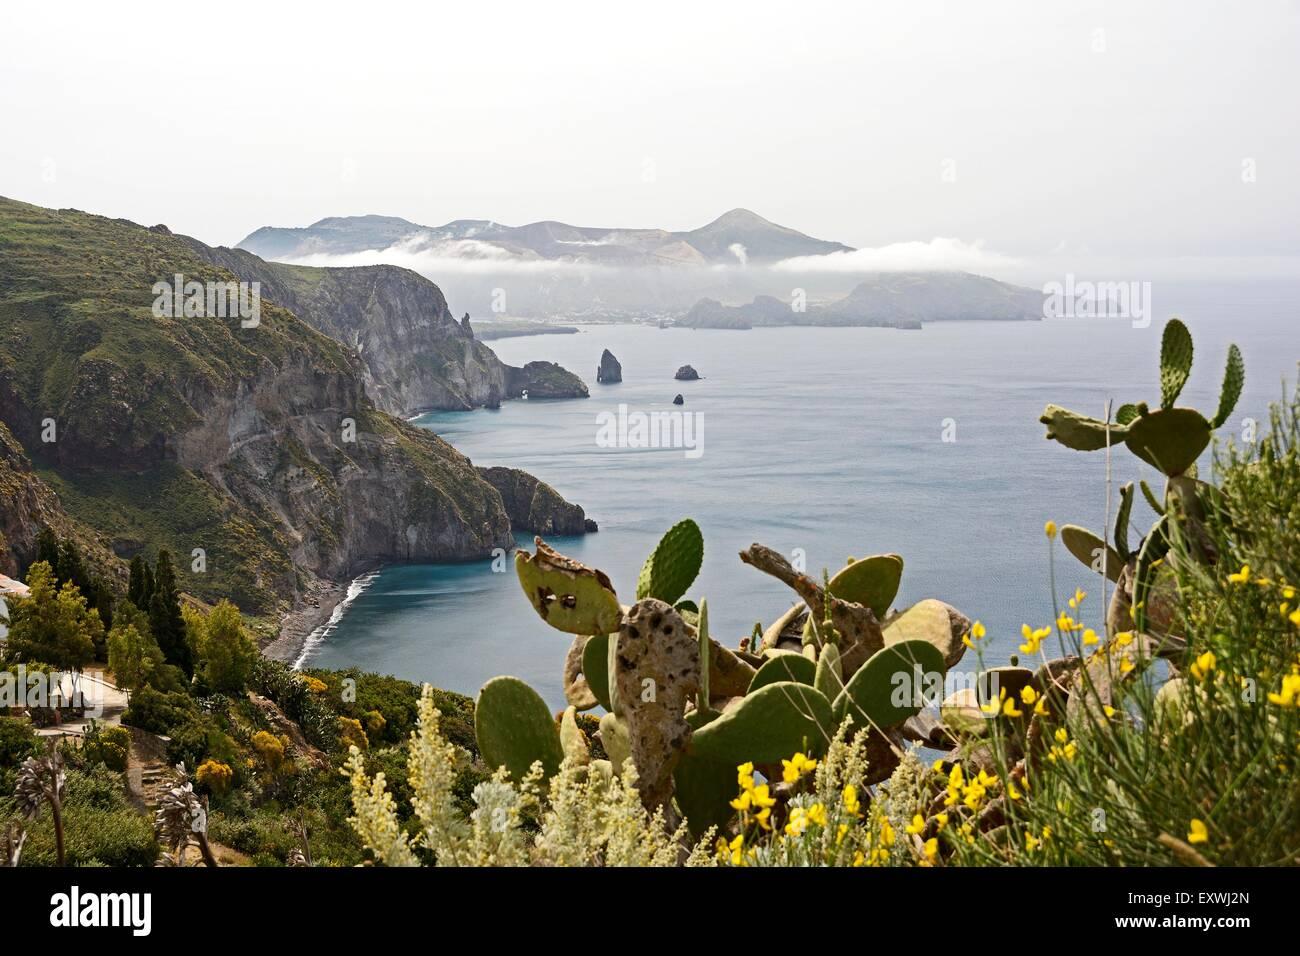 Costa di Lipari e Vulcano, Lipari, Sicilia, Italia, Europa Immagini Stock